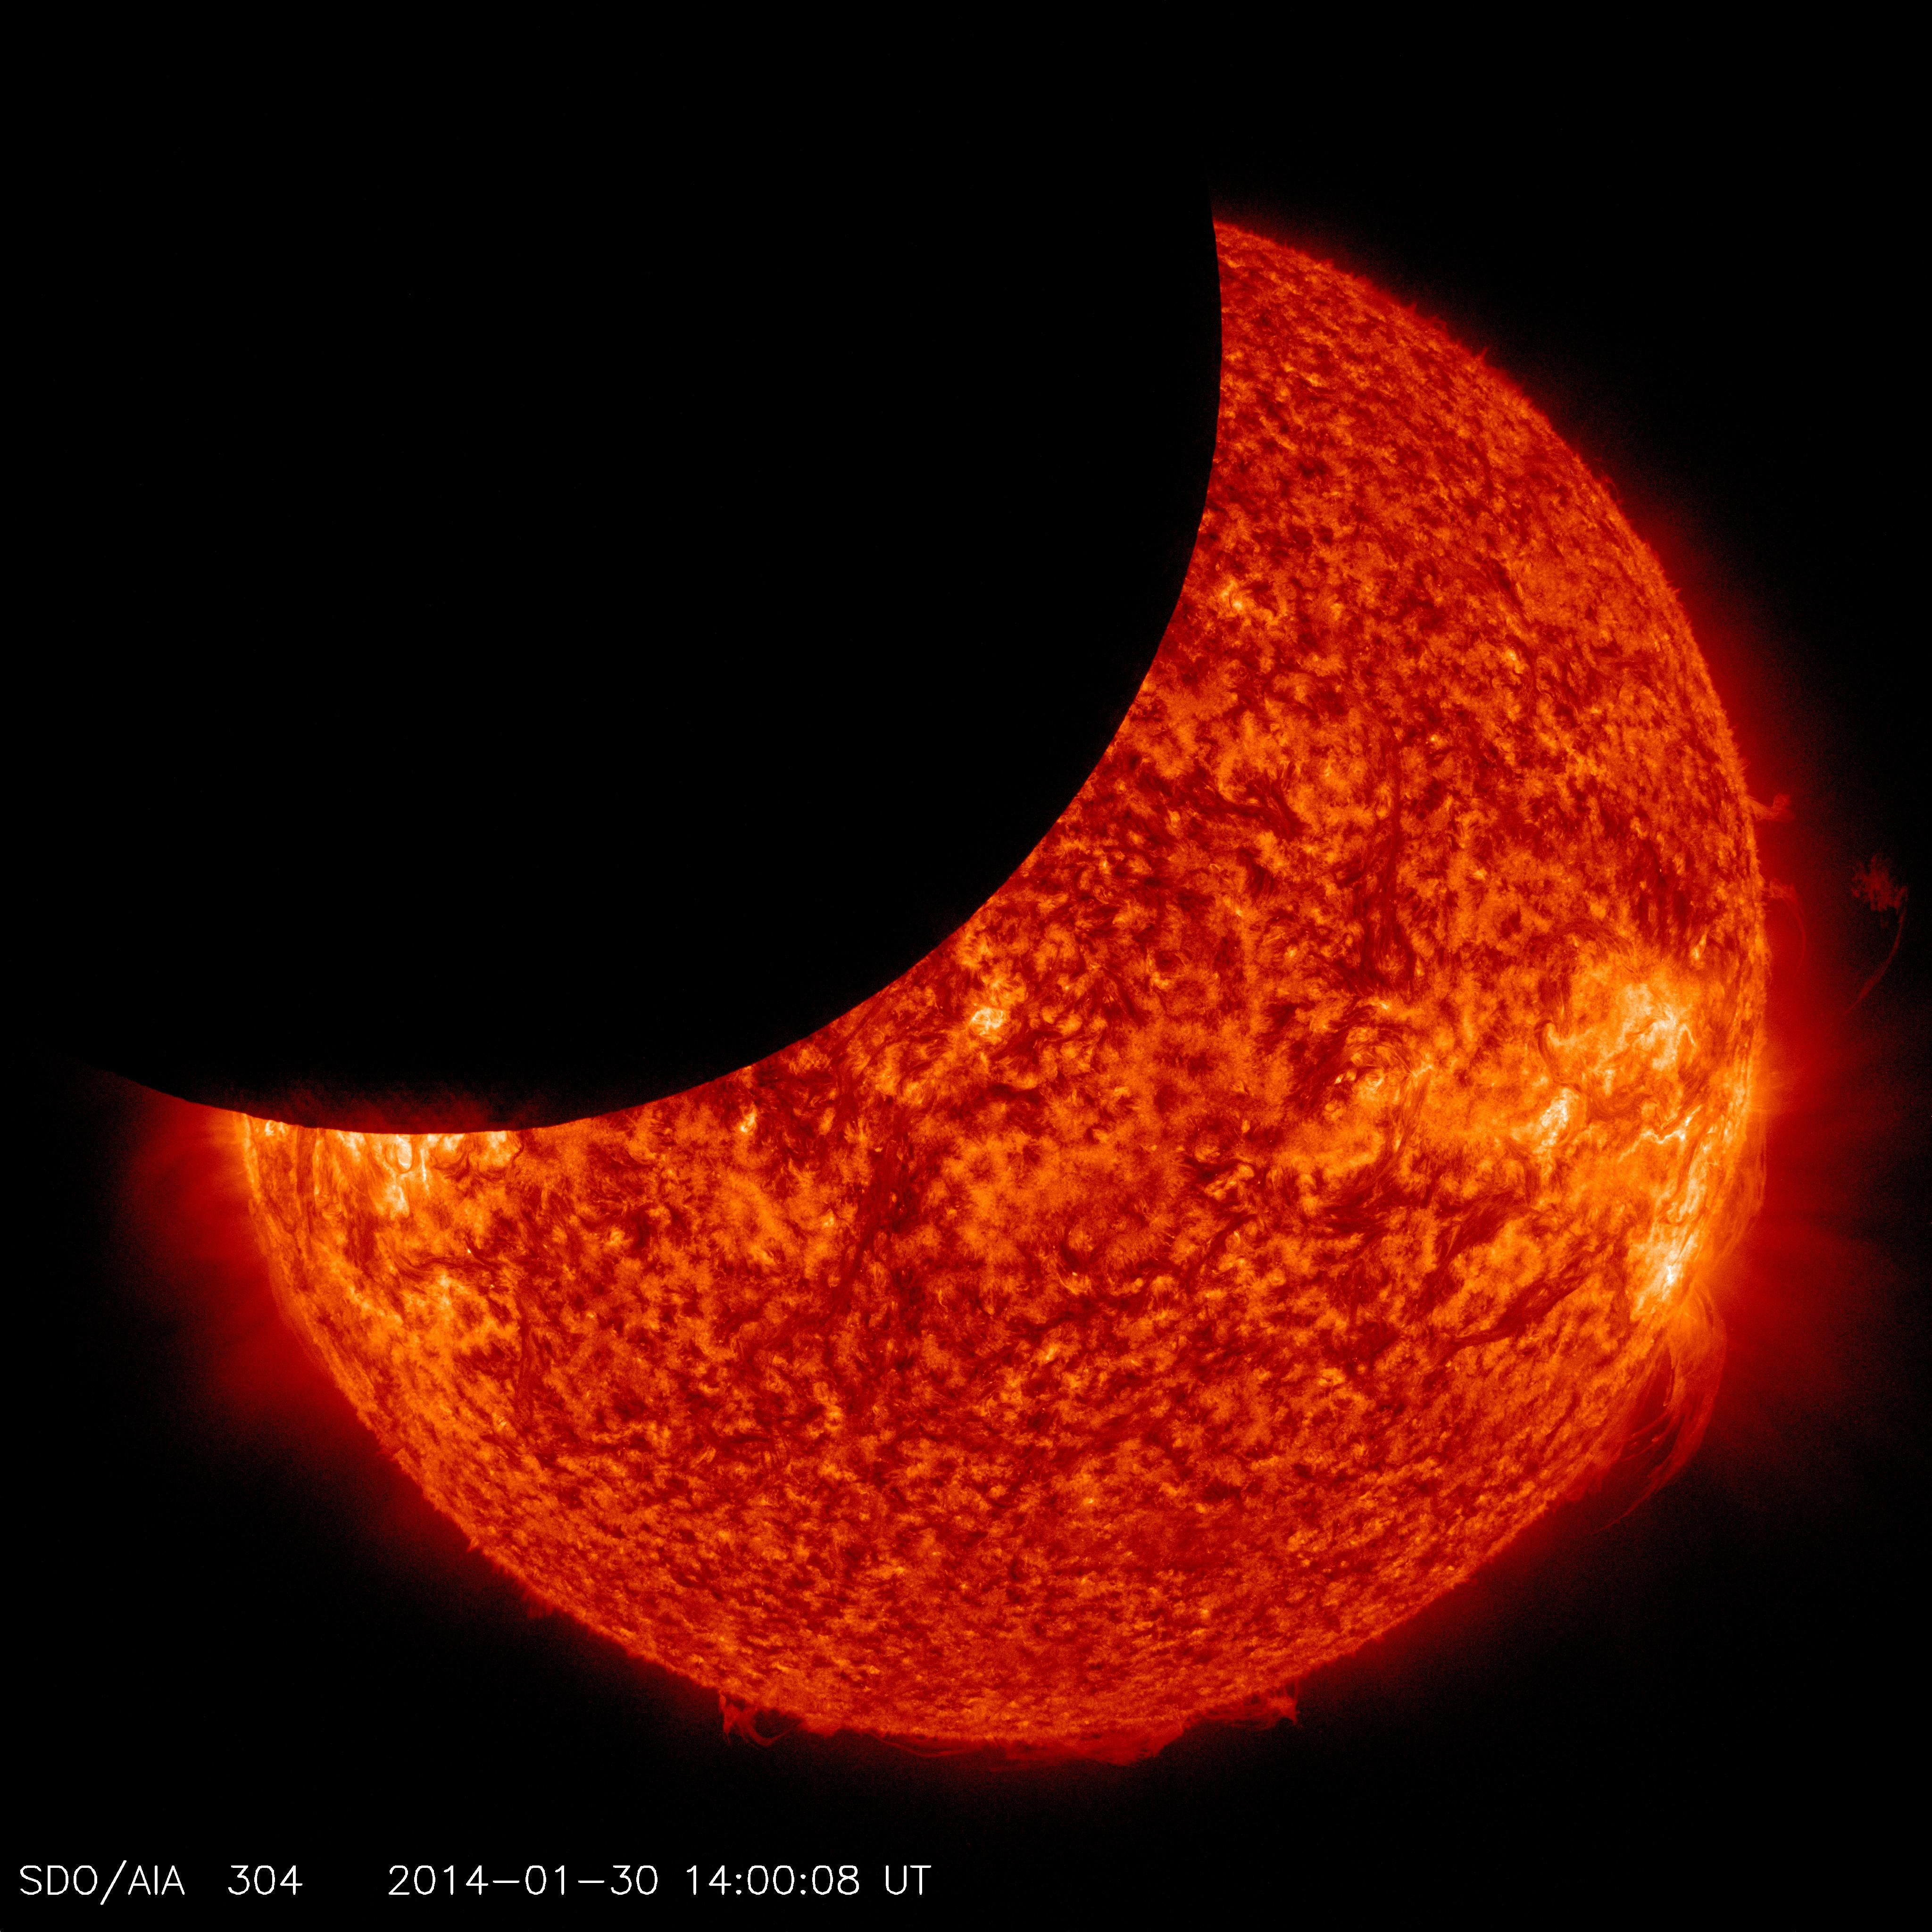 nasa visible solar system - photo #12